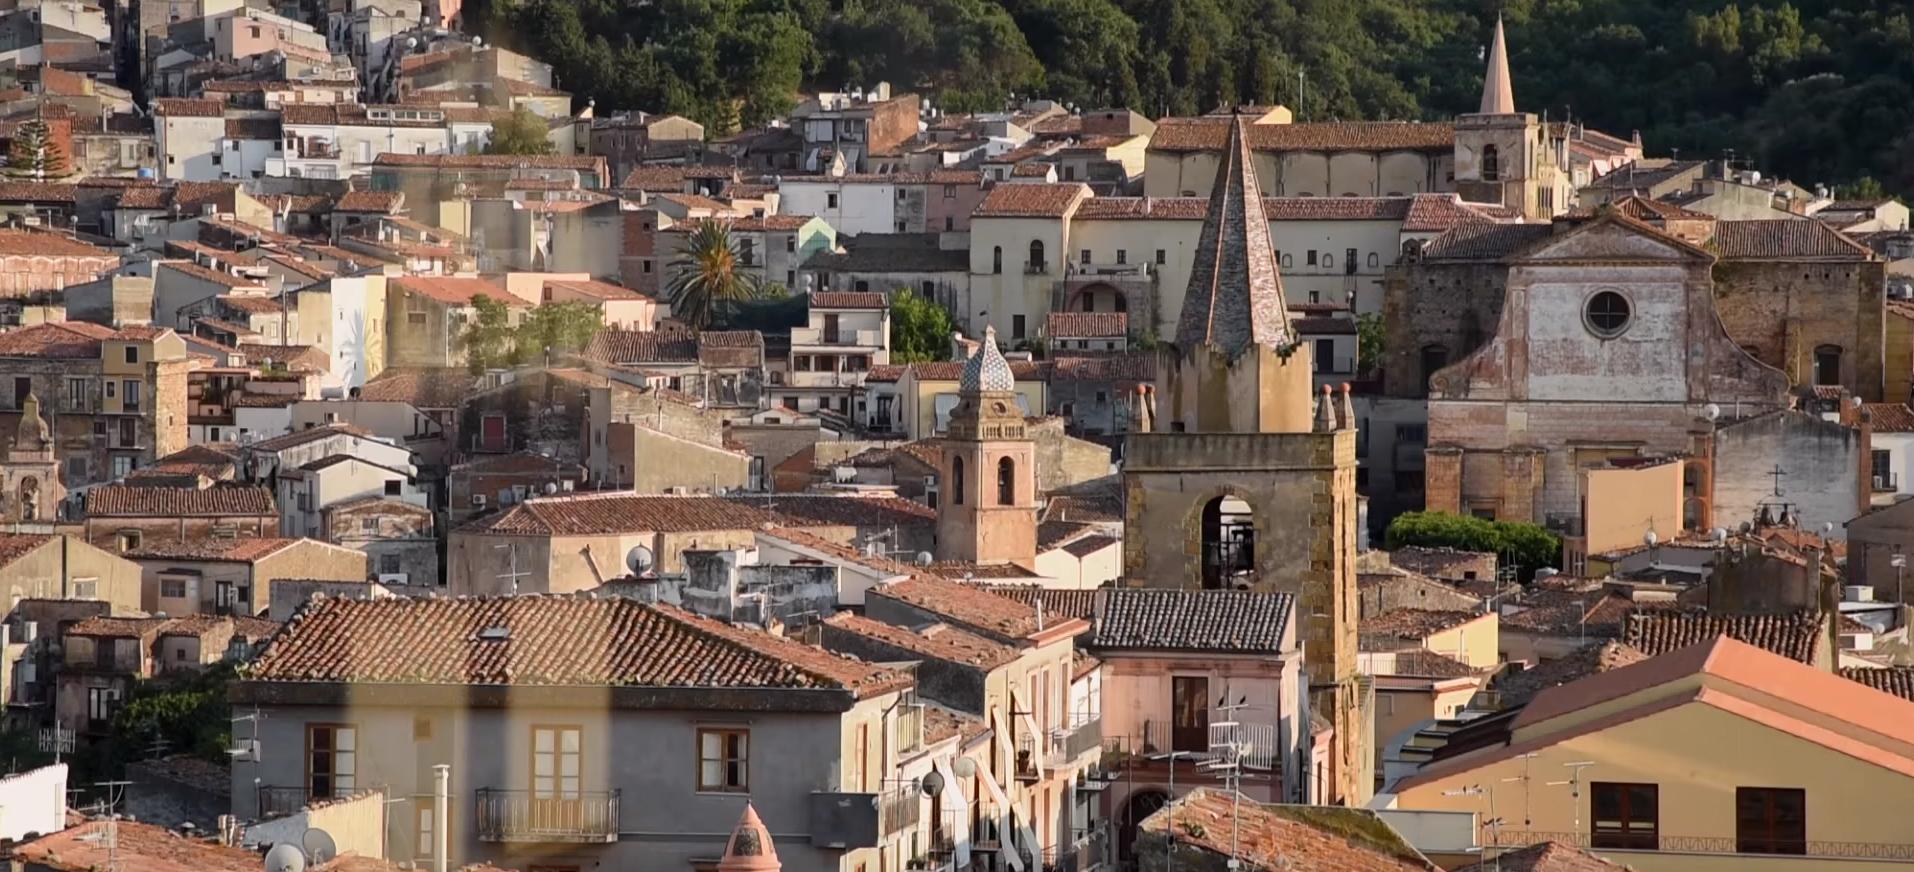 Castelbuono, raccolta rifiuti: MeetUp Movimento 5 Stelle vuole prendere parte al tavolo tecnico